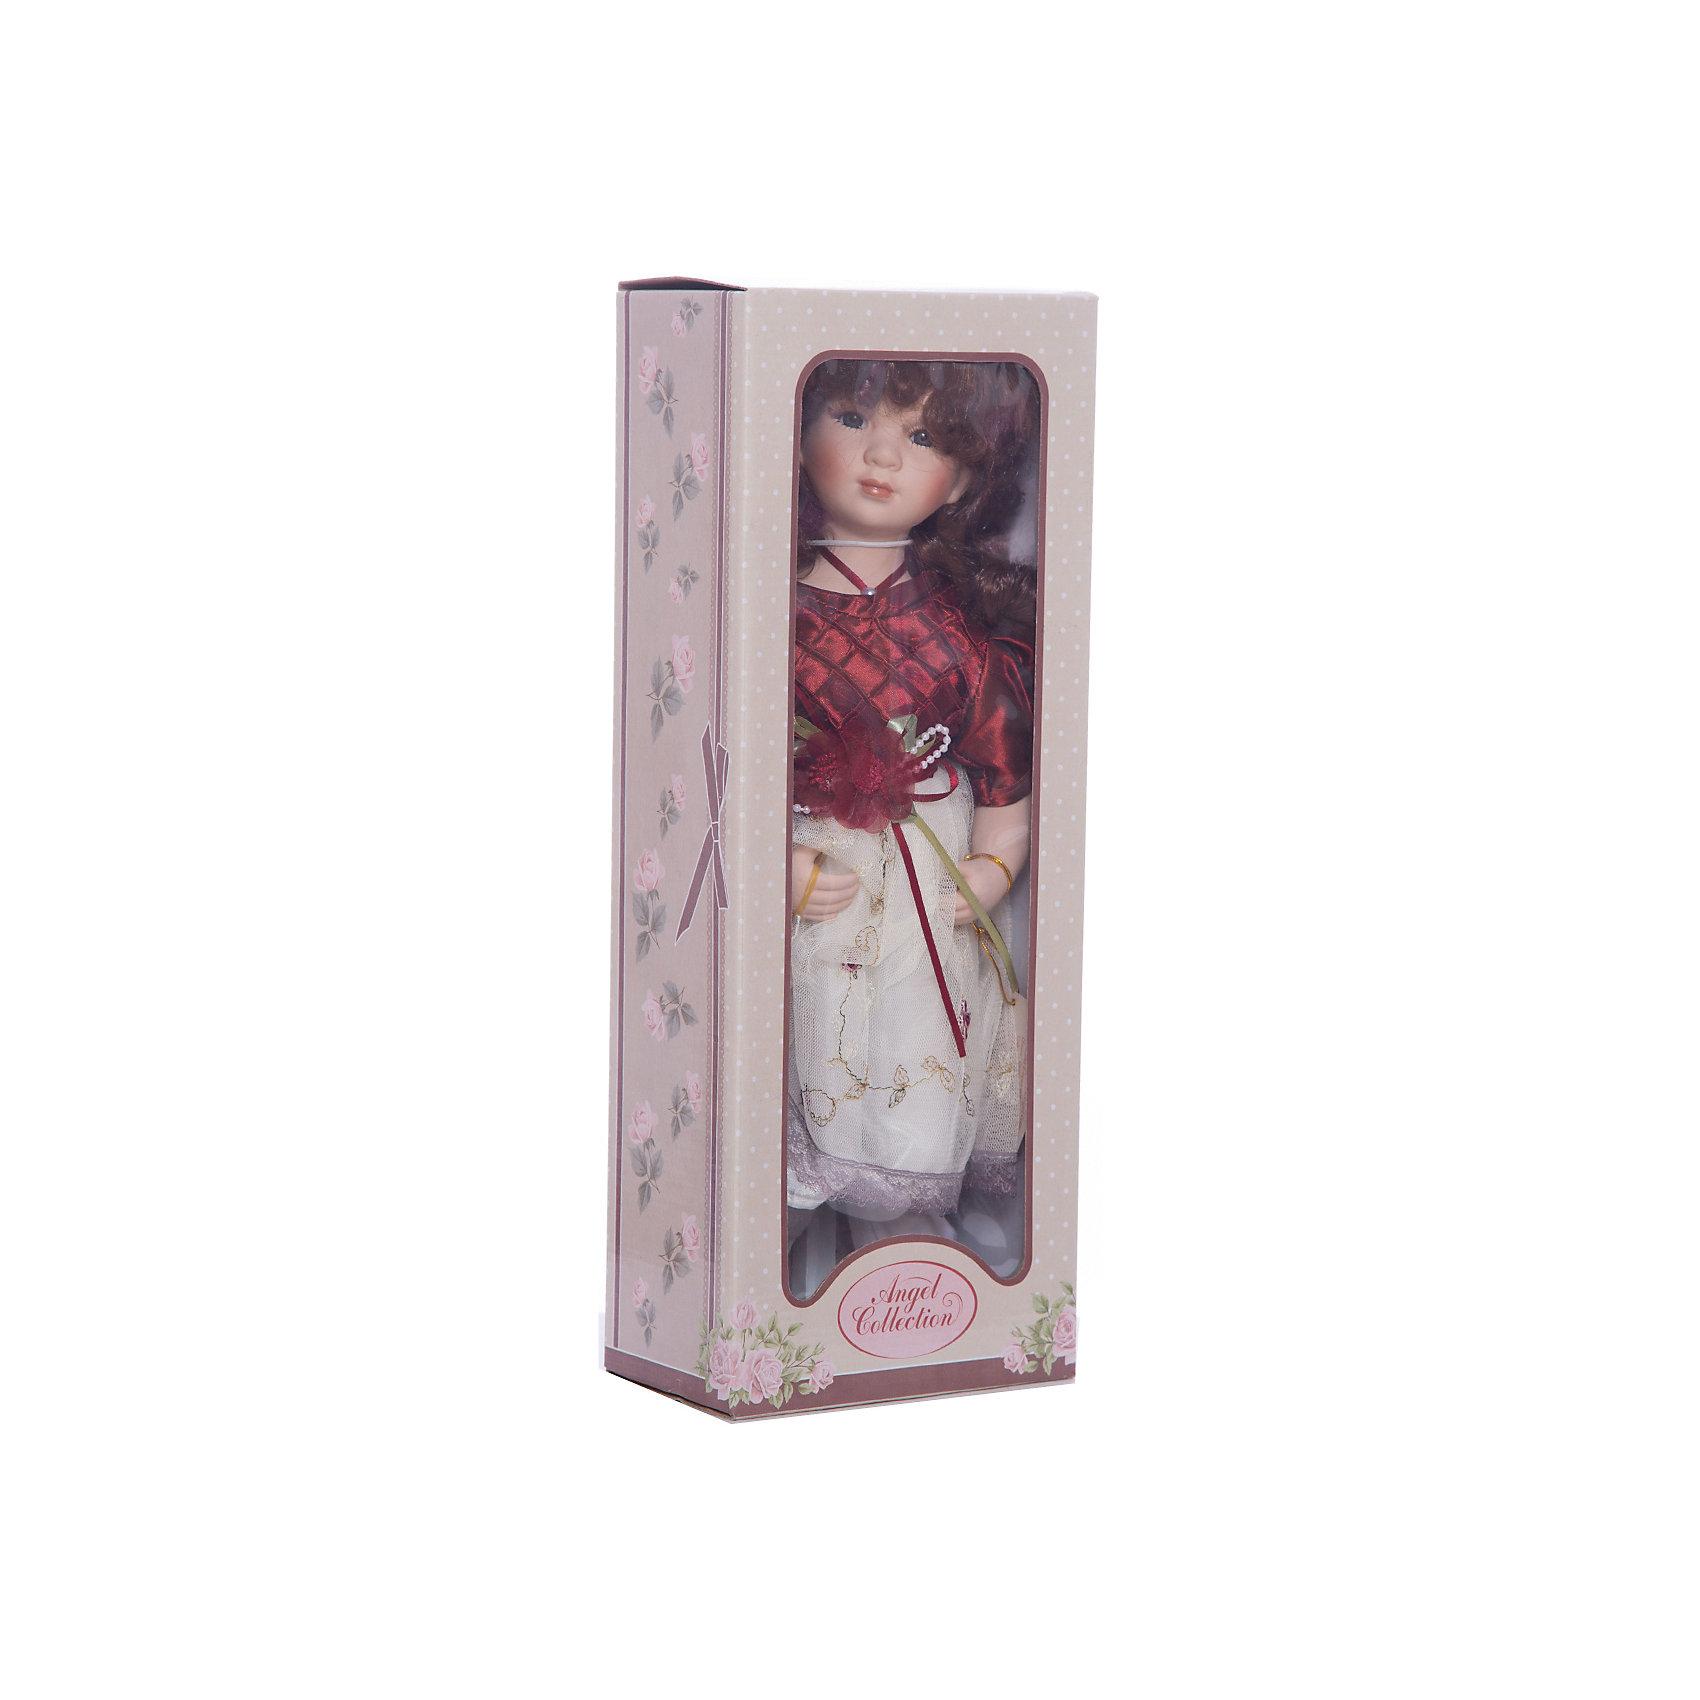 Фарфоровая кукла Венди, 40 см, Angel CollectionФарфоровая кукла Венди, 40 см, Angel Collection.<br><br>Характеристики:<br><br>• Высота куклы: 40 см.<br>• Материал: фарфор, текстиль<br>• Упаковка: картонная коробка блистерного типа<br><br>Фарфоровая кукла «Венди», Angel Collection изготовлена с большим вниманием к мелким деталям, благодаря этому она очень красива и привлекательна. Кудрявые волосы куклы выглядят как настоящие, а блеск в глазах, которого производитель добился благодаря специальному стеклу в составе, делает Венди живой. Кукла одета в красивое платье с пышной юбочкой, на ногах – туфельки, в руках - зонтик. Кукла установлена на специальную подставку. <br><br>Фарфоровая красавица Венди - это не просто игрушка, а также украшение для интерьера или ценный экспонат коллекции. Каждая кукла в серии Angel Collection, обладает неповторимым образом - принцессы, феи, маленькие девочки, роскошные невесты и т.д. Изысканные наряды и очаровательная матовость фарфора превращают этих кукол в настоящее произведение искусства. Куклы Angel Collection сделаны из уникальной голубой глины, добываемой только в провинции Tai-Nan Shin, Тайвань.<br><br>Фарфоровую куклу Венди, 40 см, Angel Collection можно купить в нашем интернет-магазине.<br><br>Ширина мм: 160<br>Глубина мм: 420<br>Высота мм: 95<br>Вес г: 833<br>Возраст от месяцев: 36<br>Возраст до месяцев: 2147483647<br>Пол: Женский<br>Возраст: Детский<br>SKU: 5400286